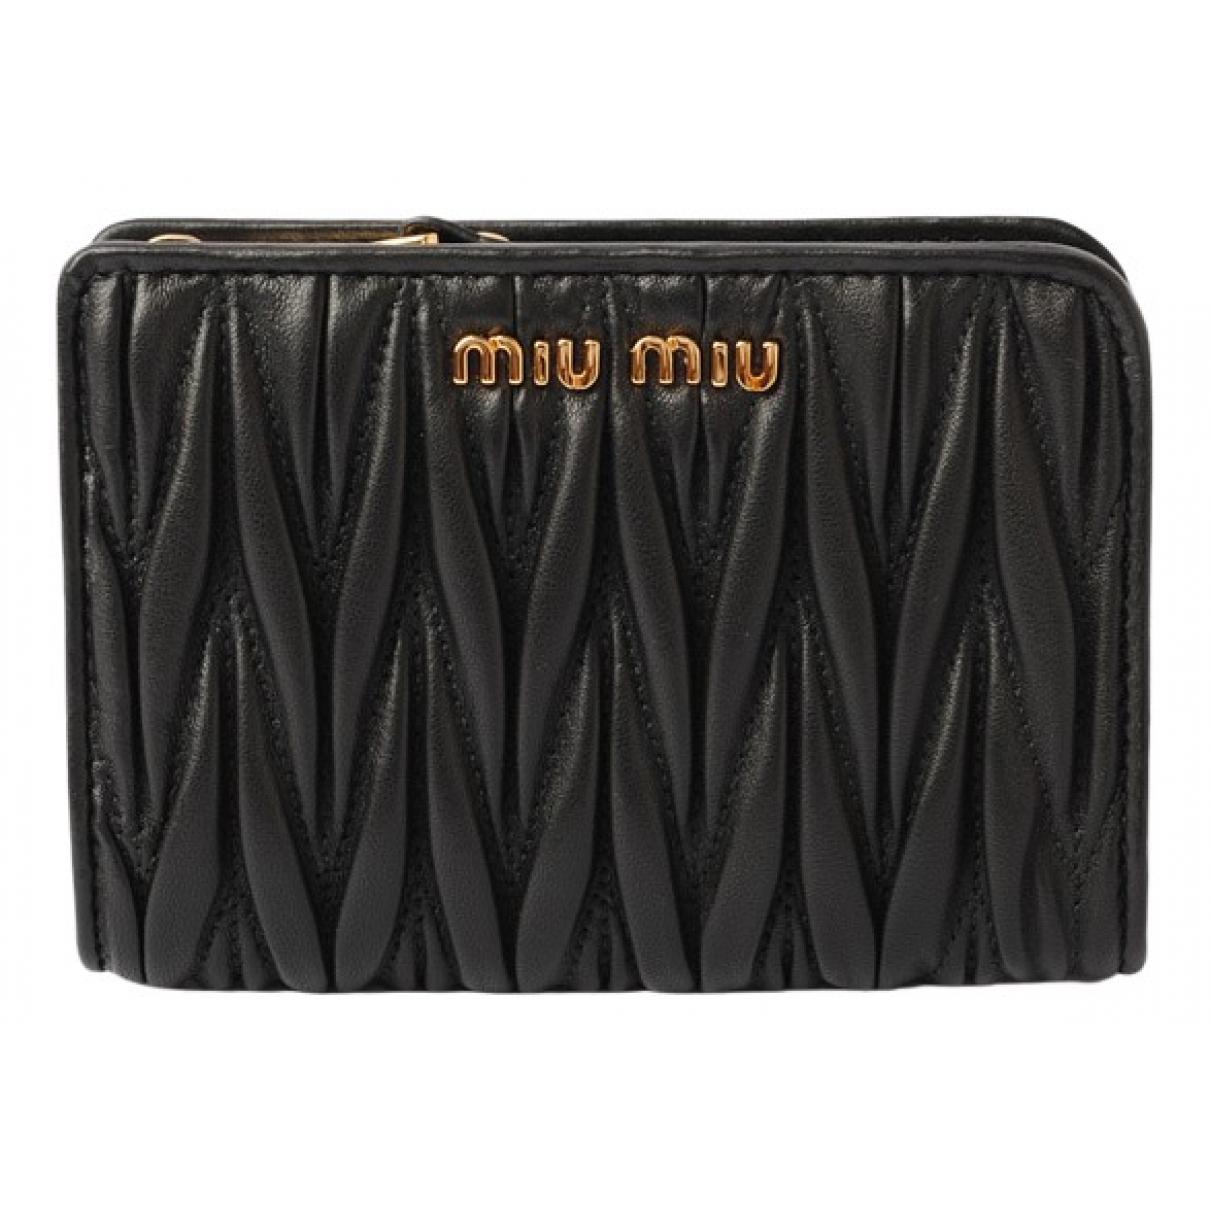 Miu Miu \N Portemonnaie in  Schwarz Leder